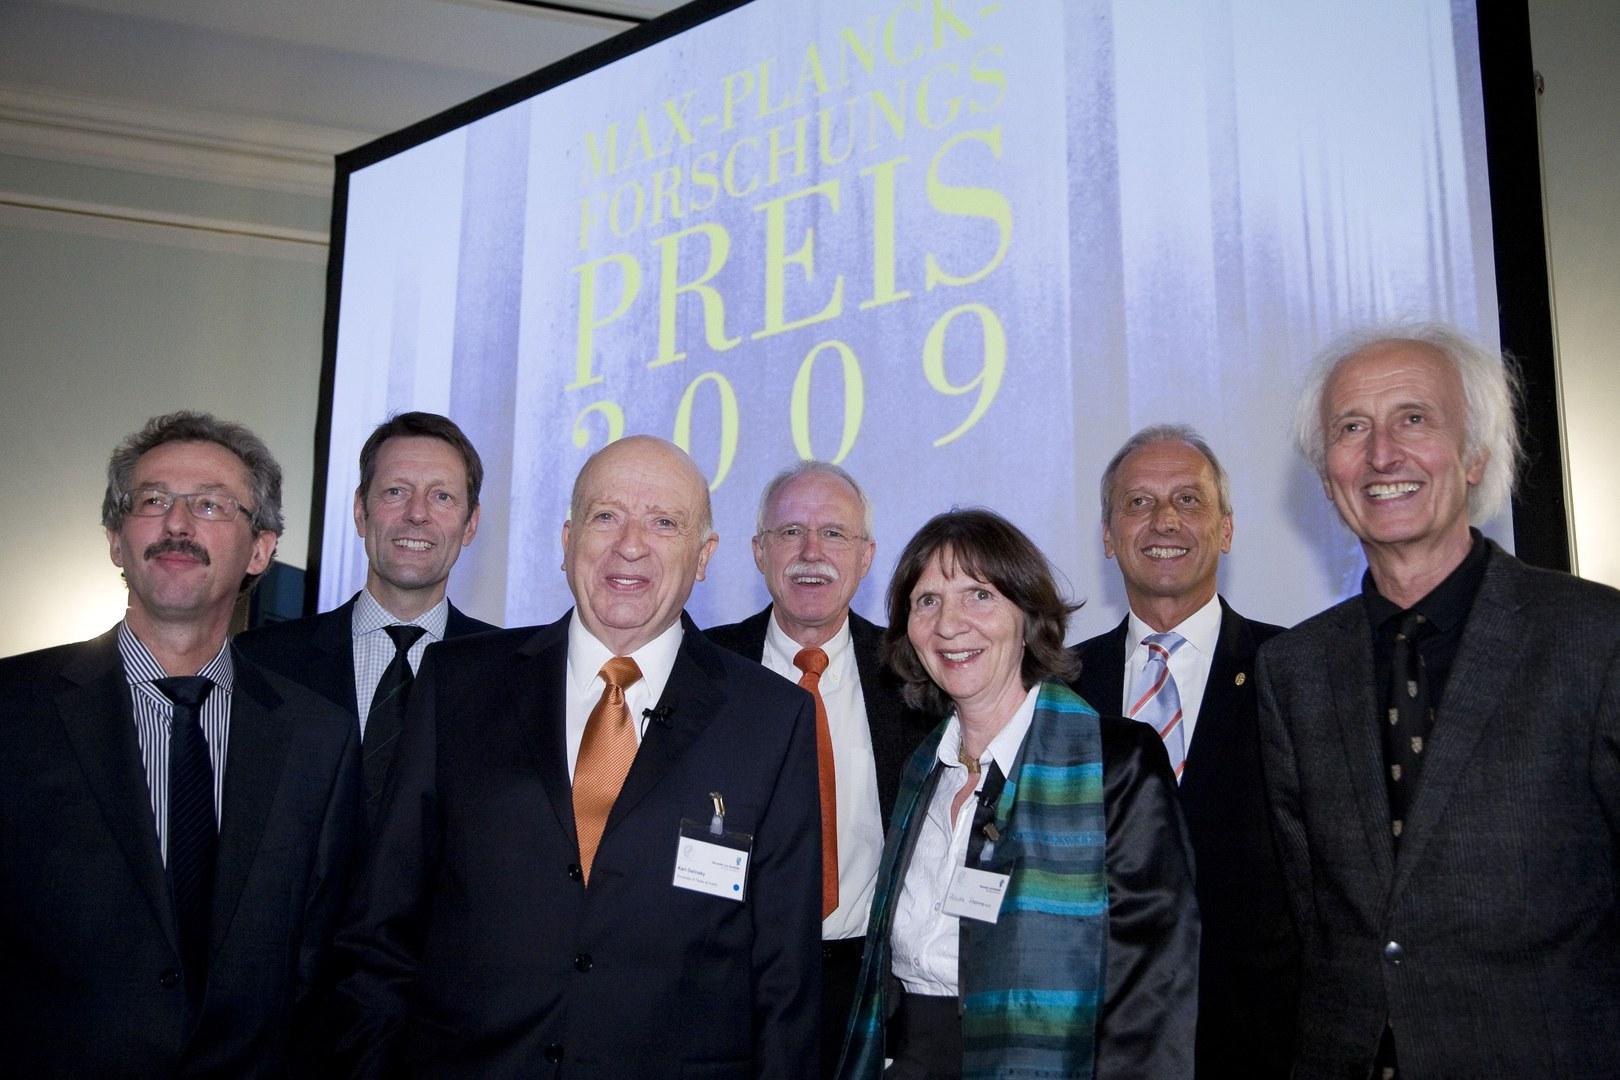 Max-Planck-Forschungspreis